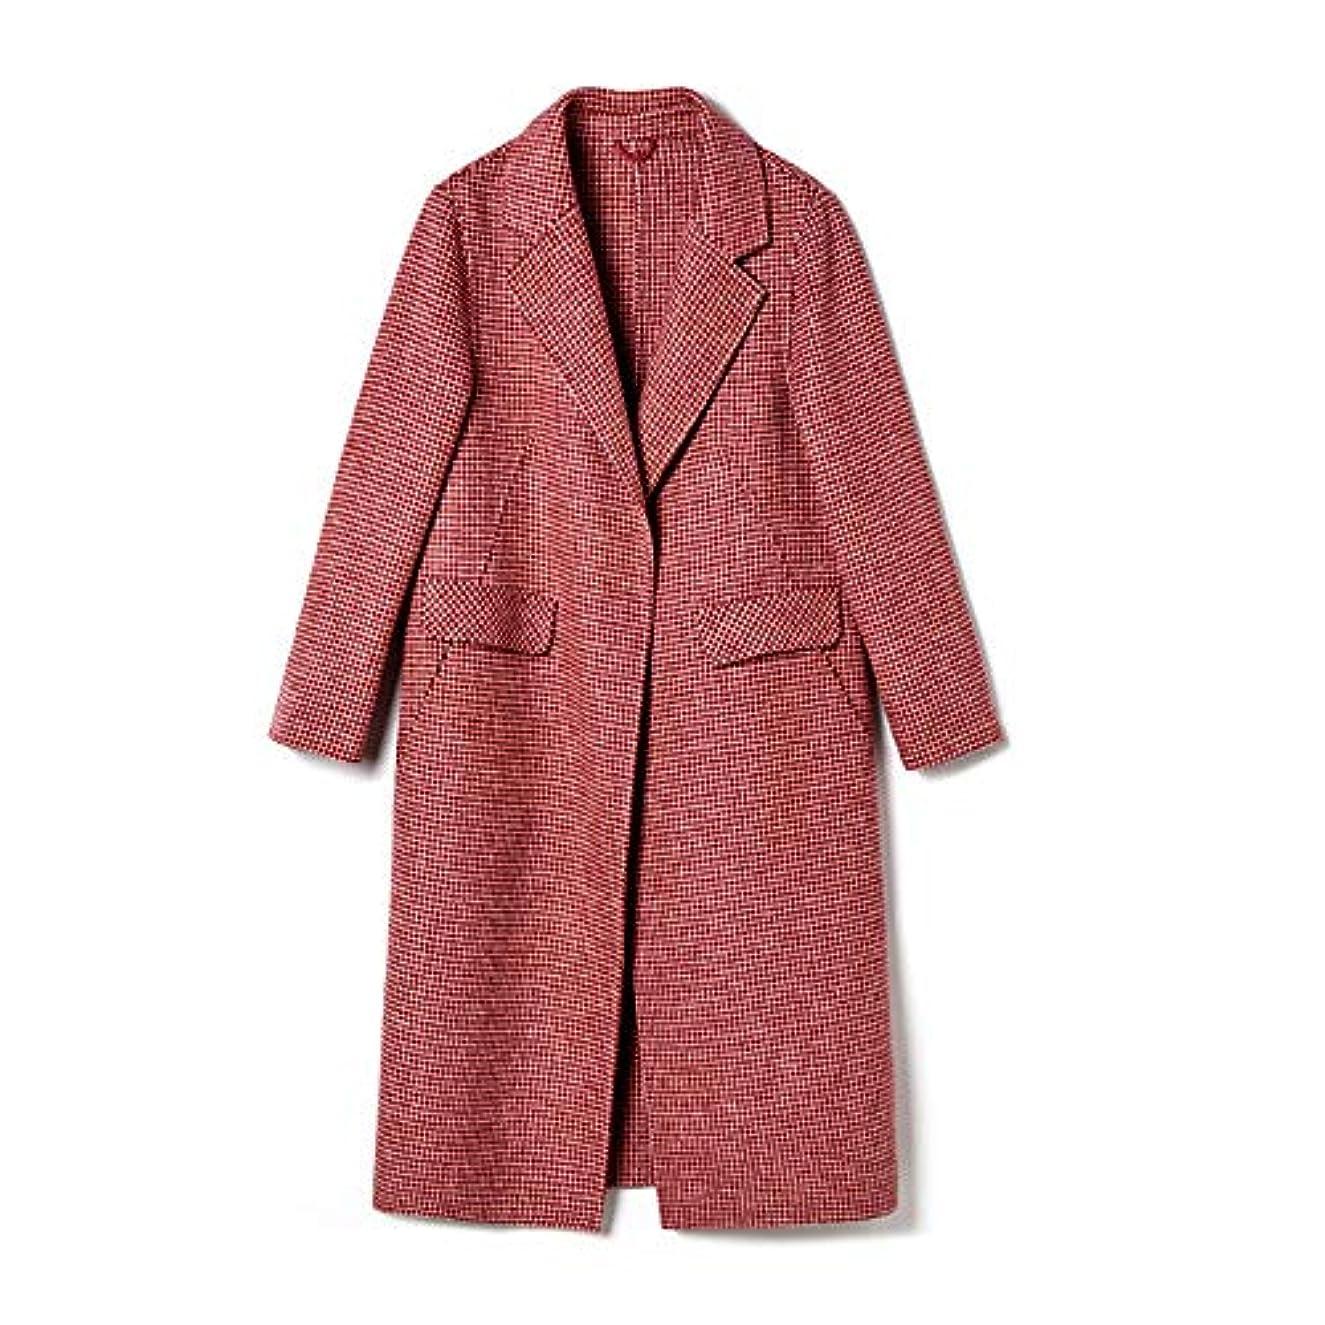 お肉職人西部両面カシミヤのコート、長いセクションレディースコートレディースウインドブレーカージャケット女性の秋と冬人気のウールウールコート,M